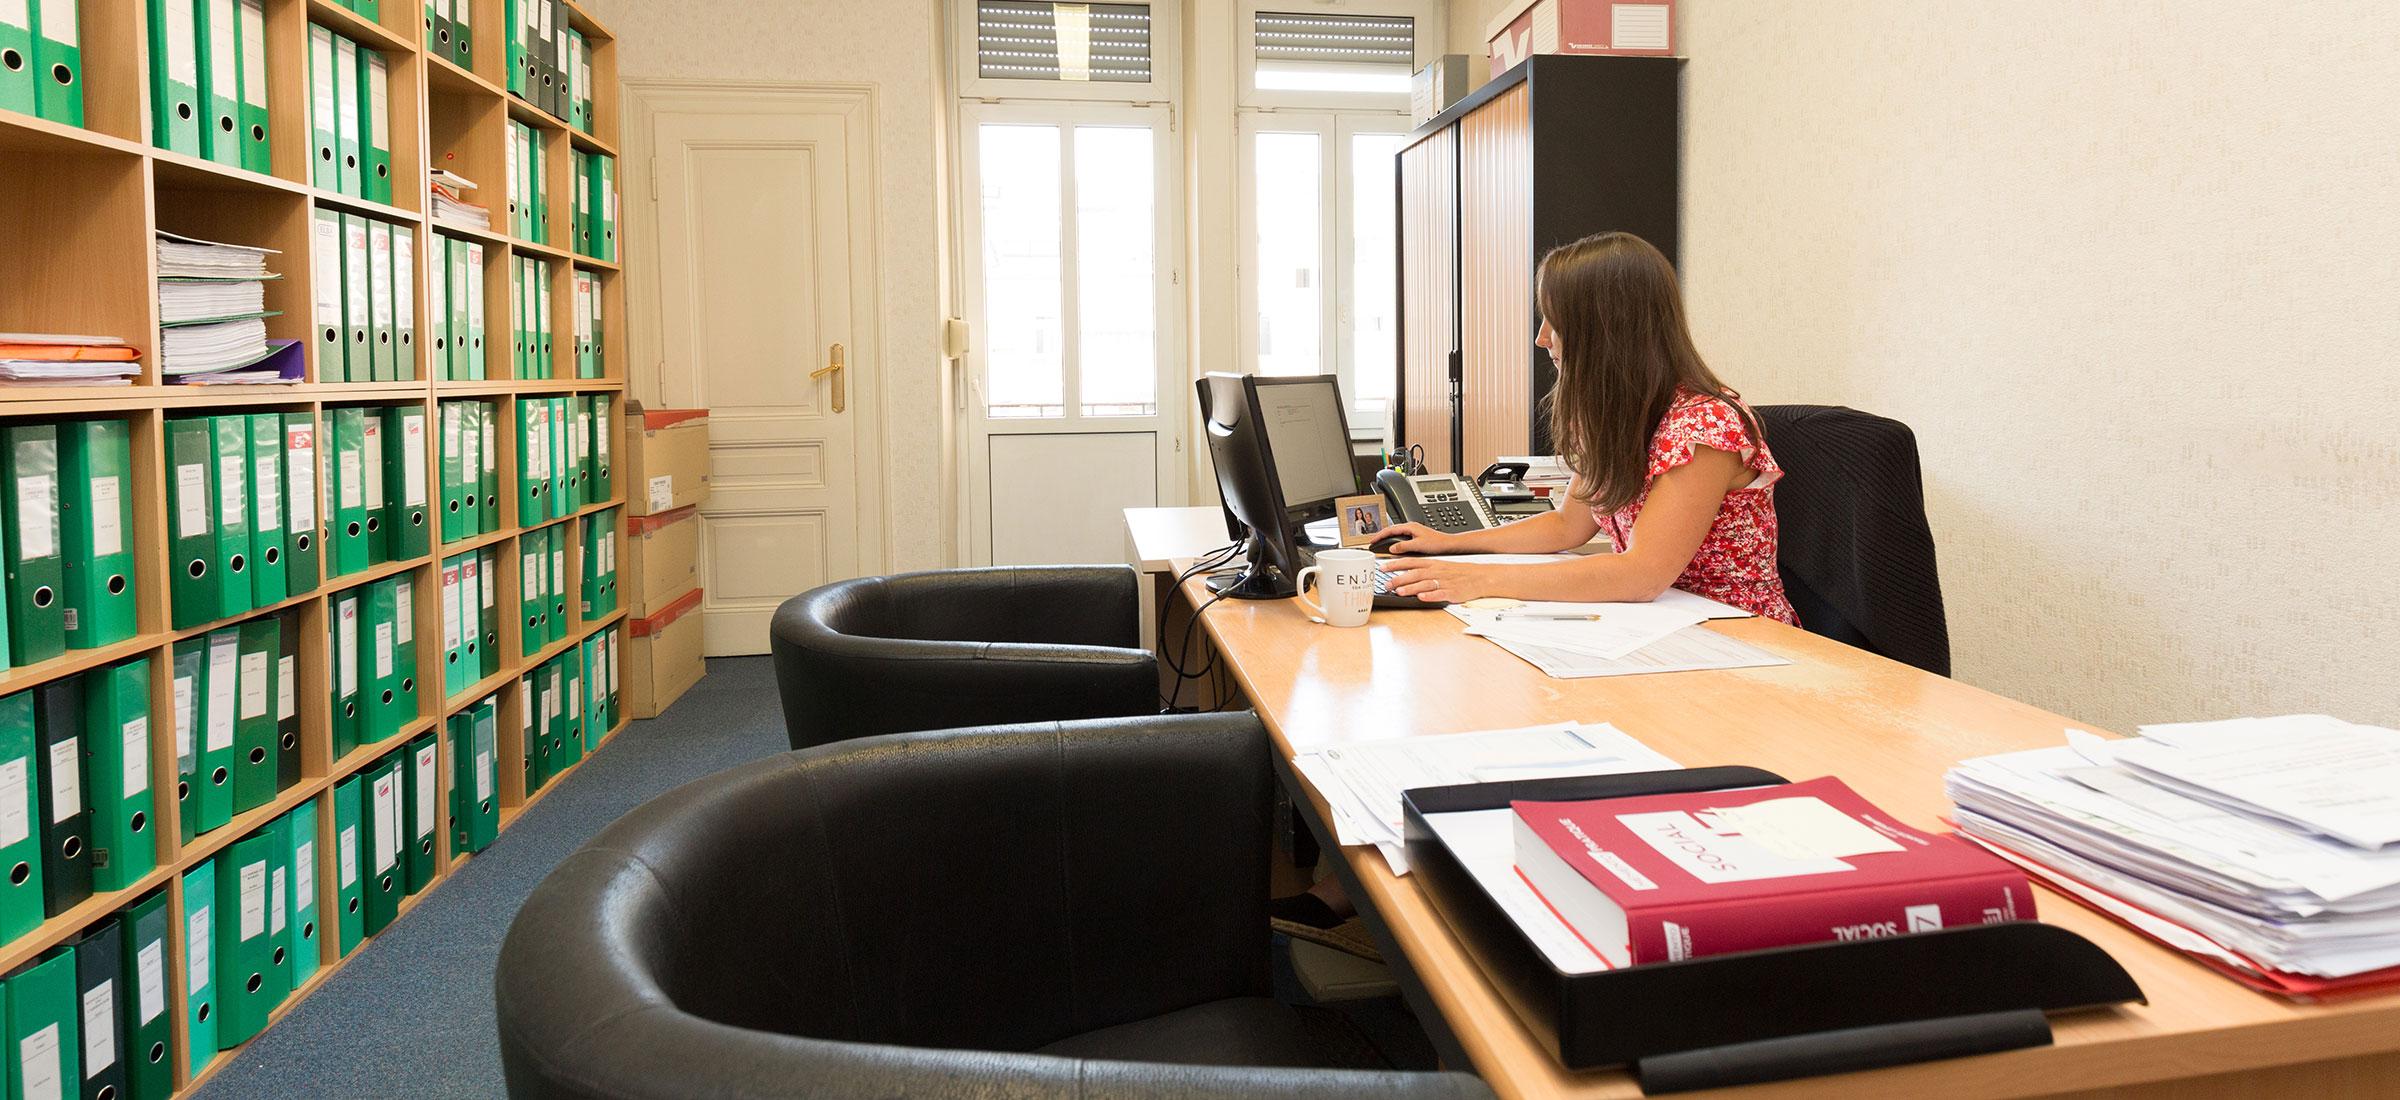 Mission droit social cabinet kieffer expert comptable thionville et brioude - Cabinet comptable thionville ...